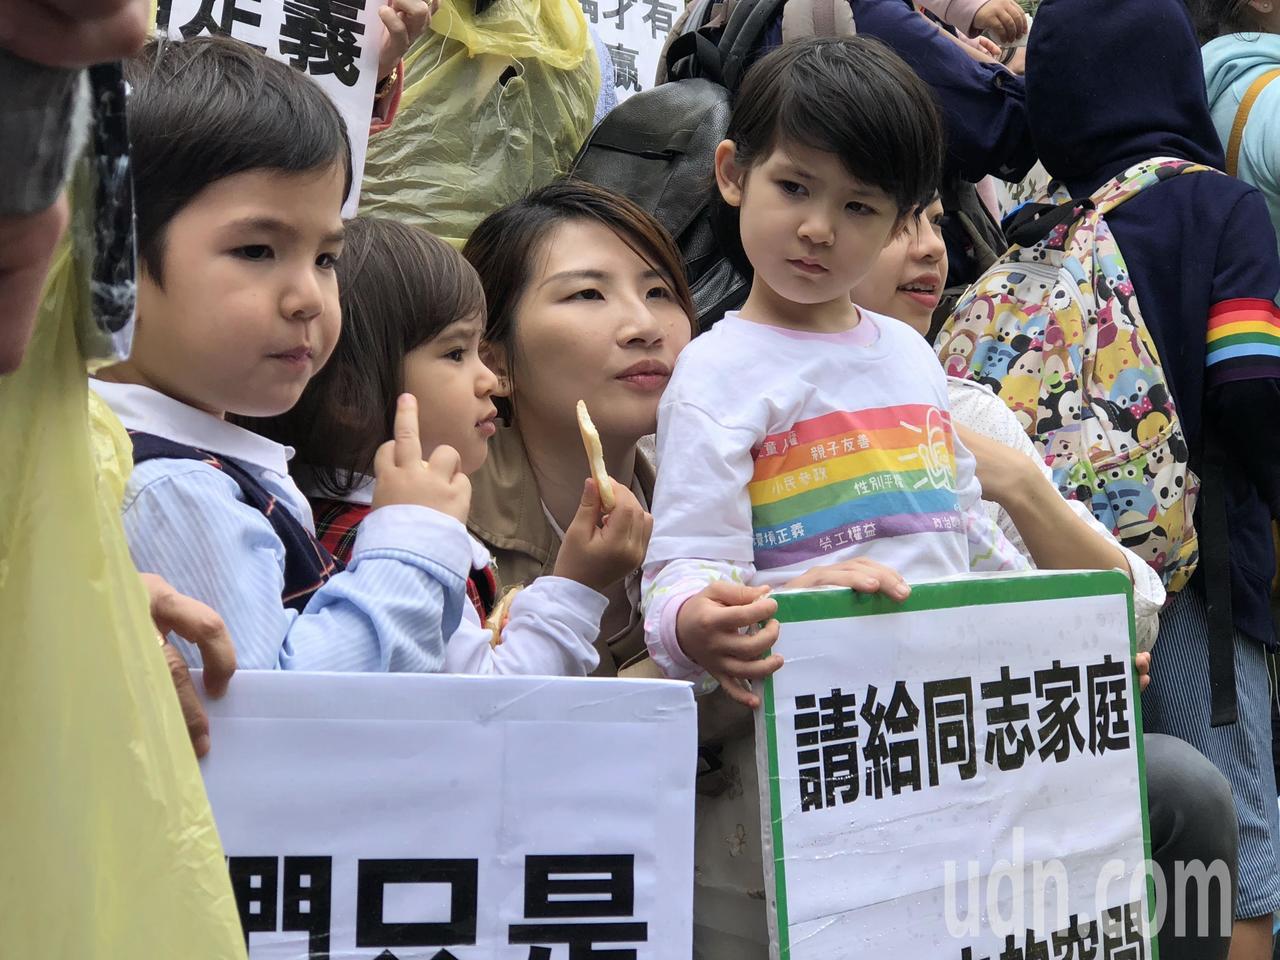 同婚專法通過,明起開放同性登記結婚,但子女相關規定只准繼親收養,引起同志家庭不滿...